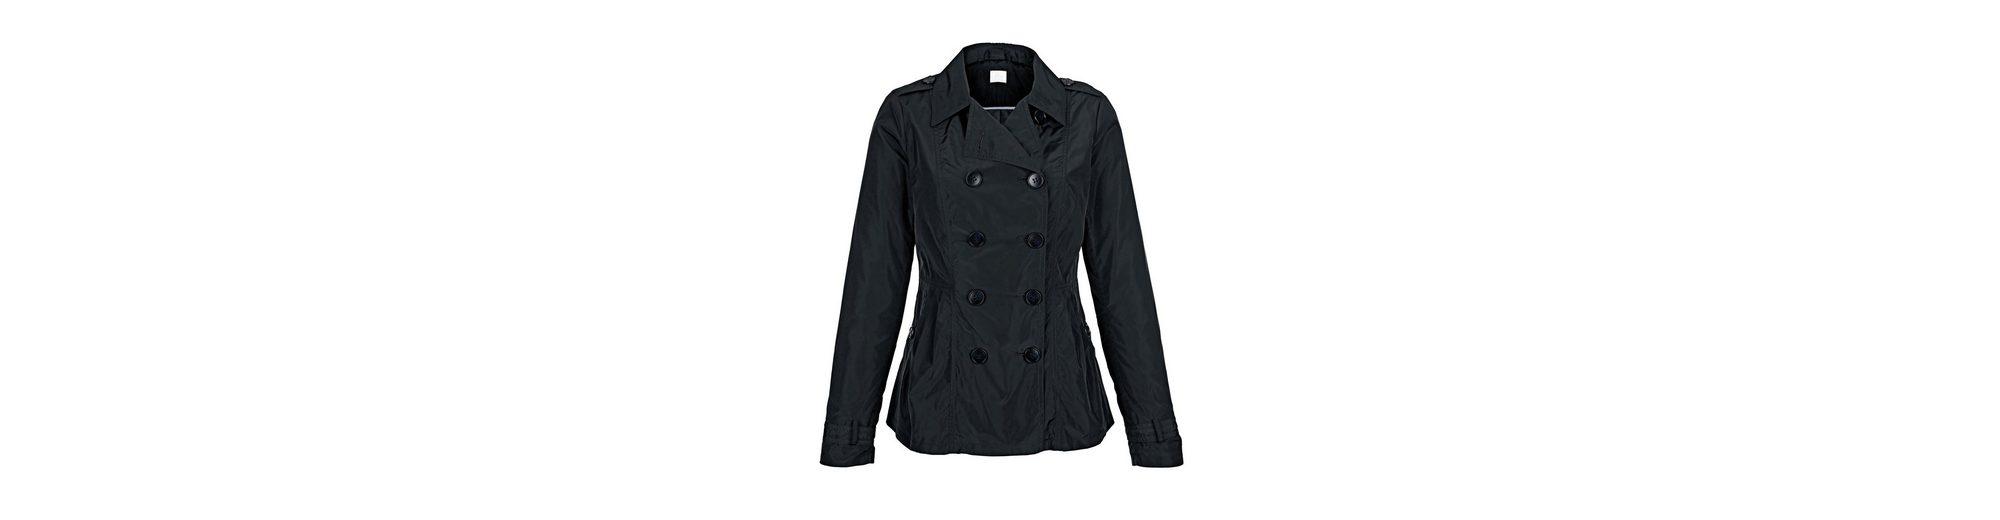 Kaufen Angebot Billig Einkaufen Besuchen Neu Zu Verkaufen Alba Moda Jacke mit sportiven Elementen Günstig Kaufen Top-Qualität Rabatt Genießen jeolmplJPJ